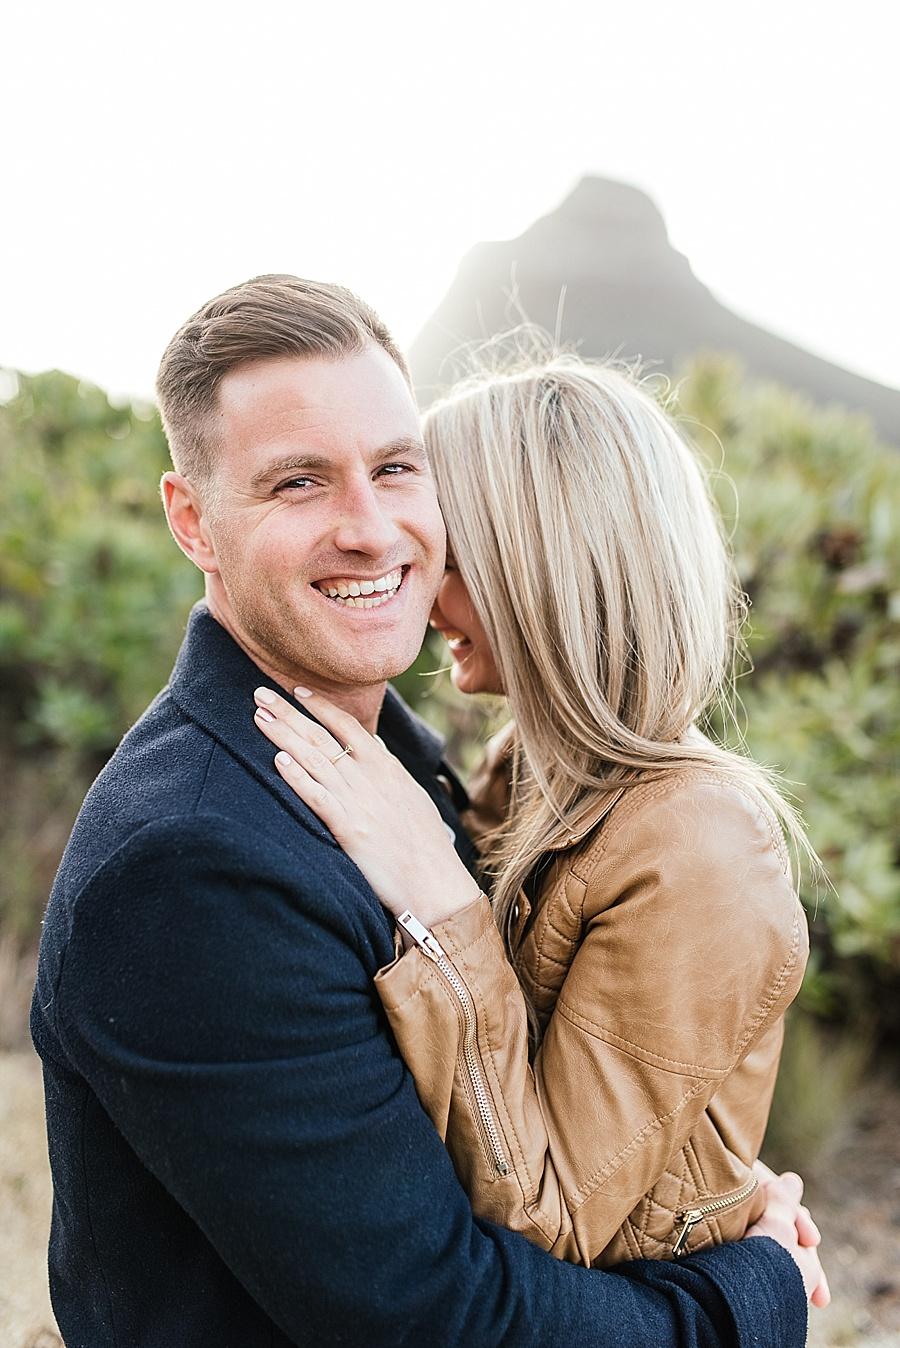 www.darrenbester.co.za - Steven & Nicole_0003.jpg